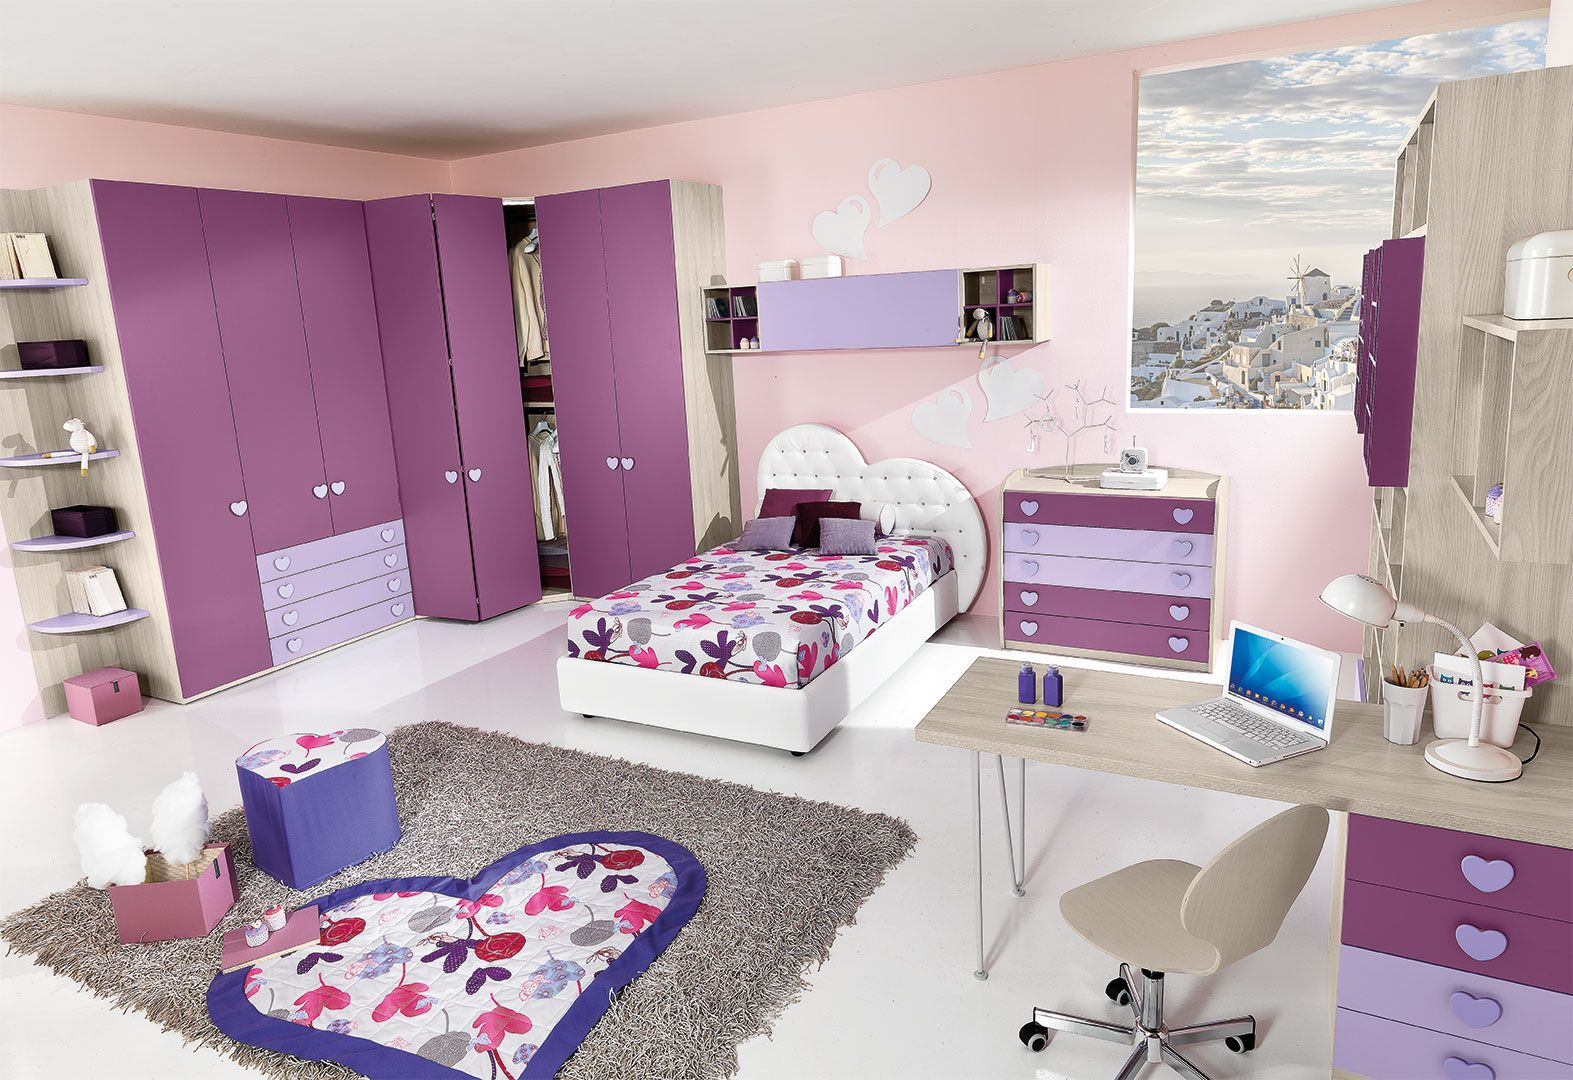 Cameretta bambina cm21 giessegi camere per ragazze - Donne in camera da letto ...